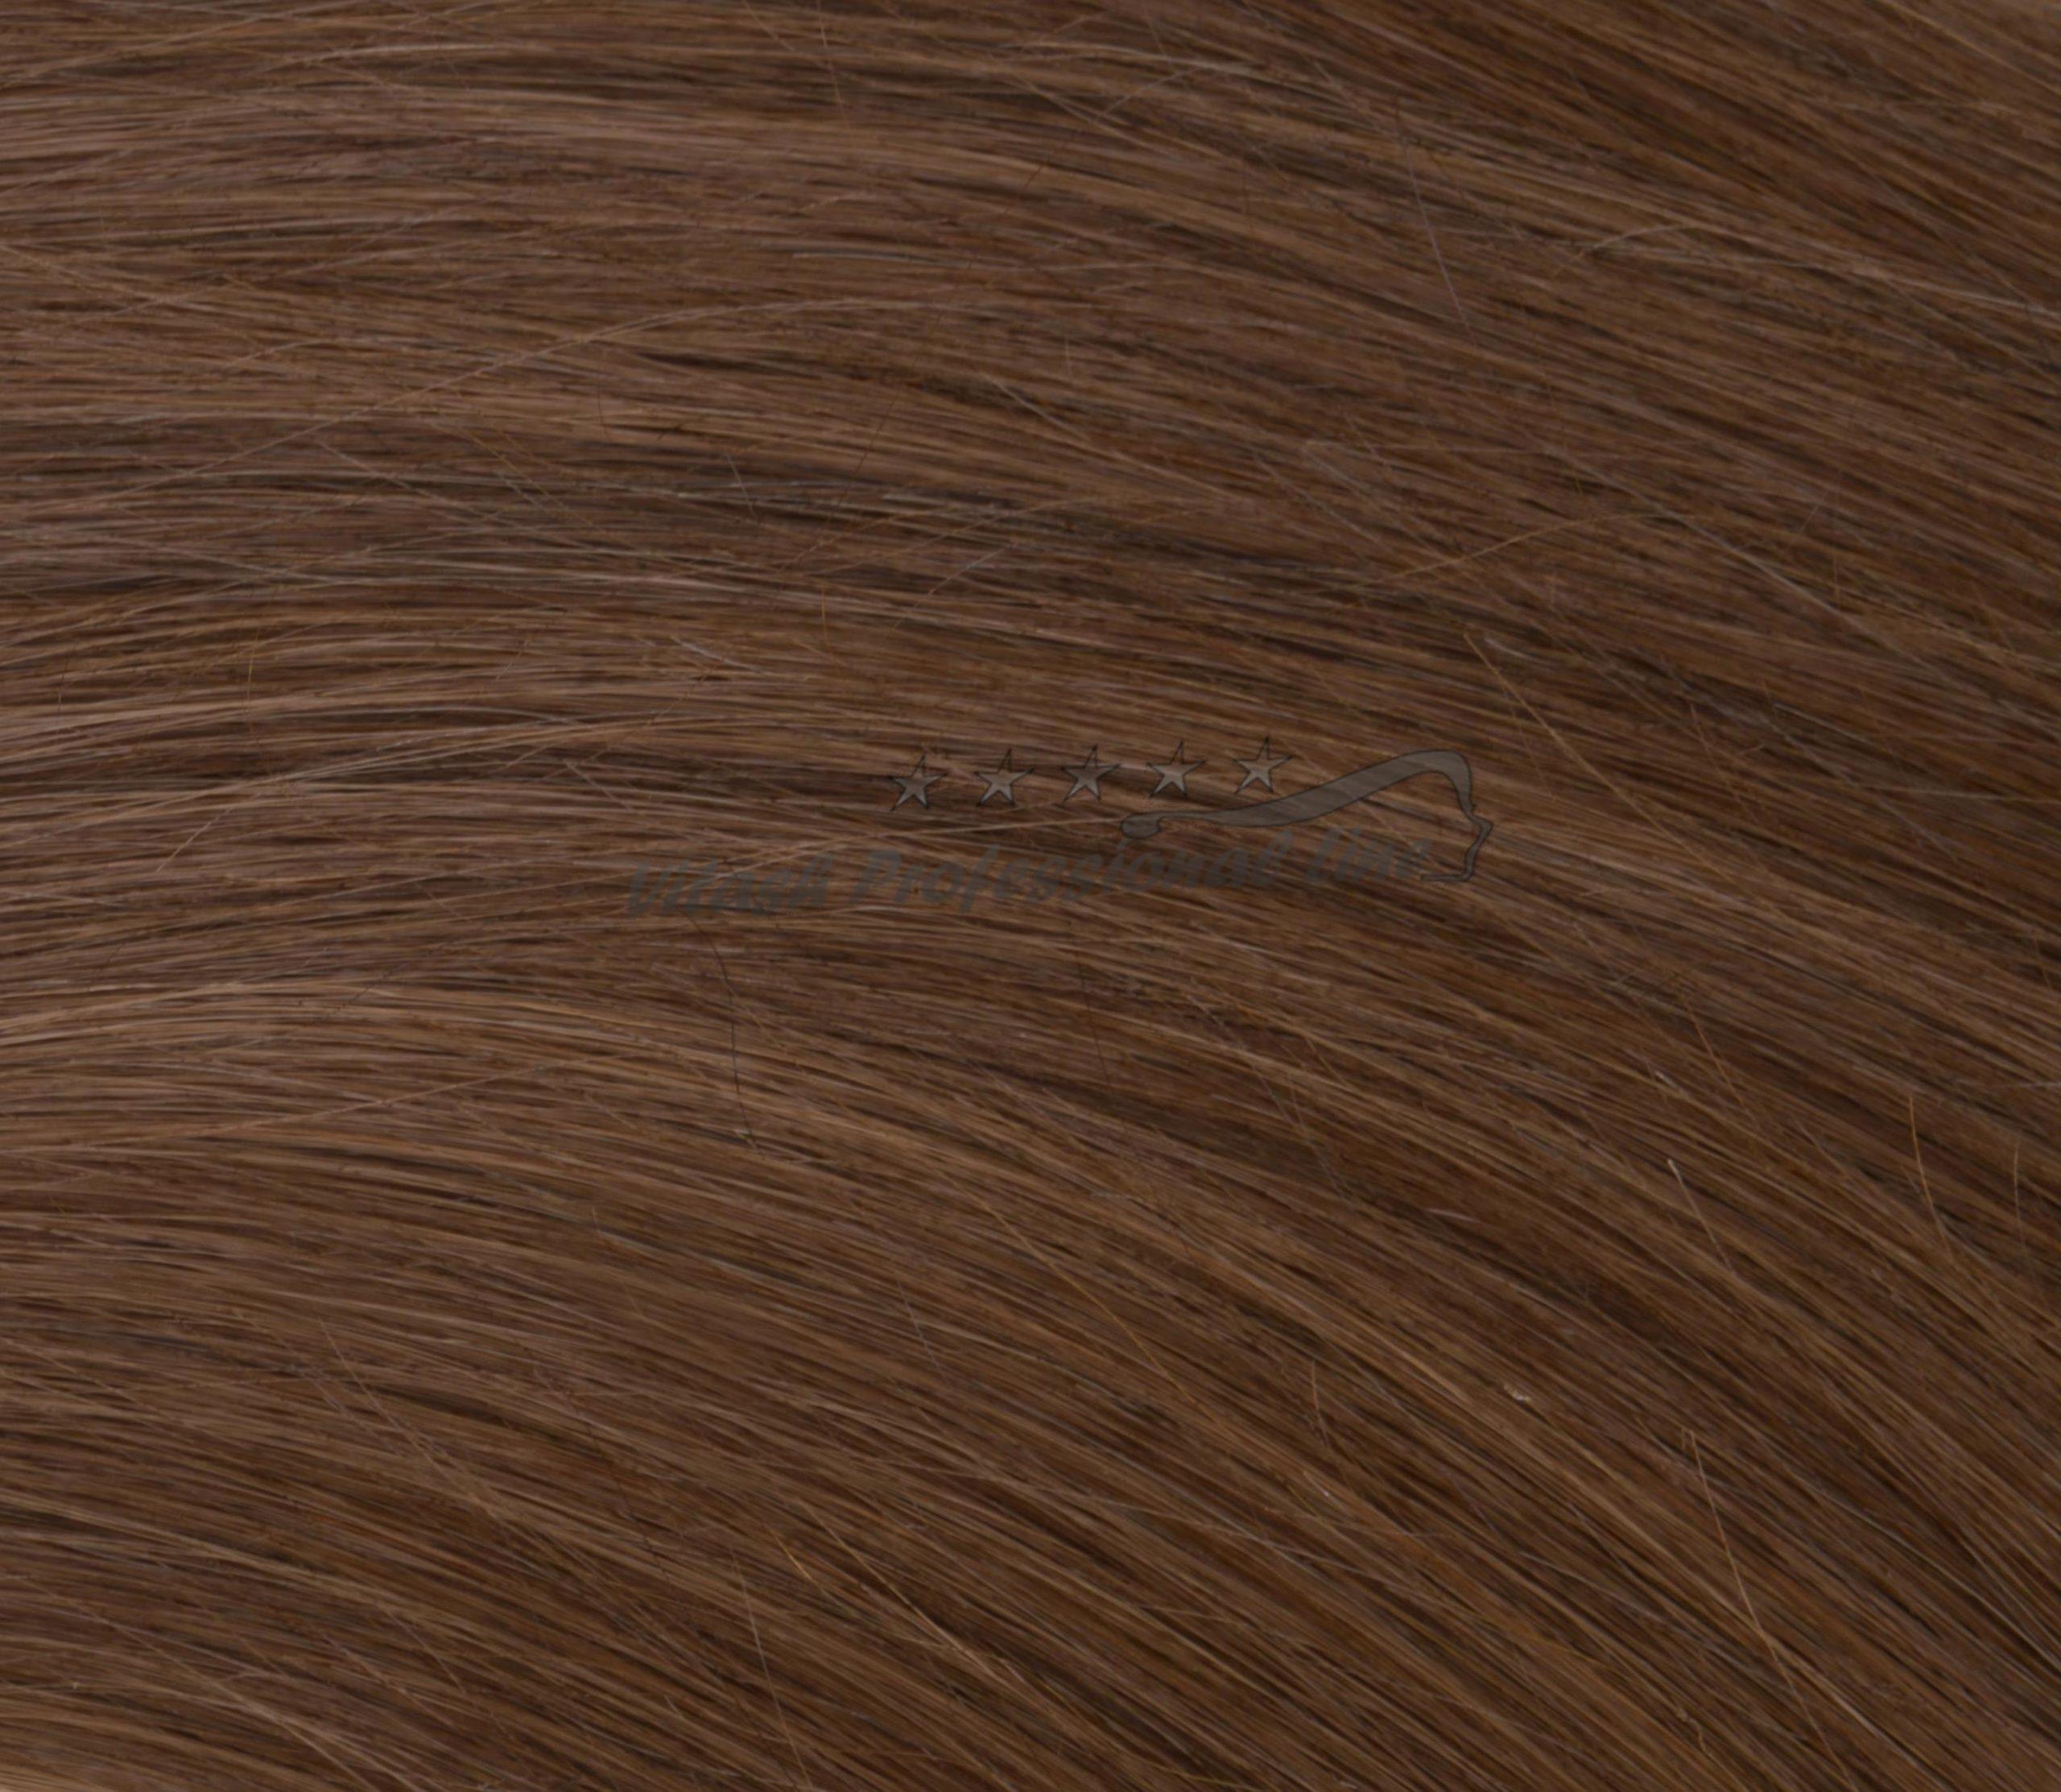 25 REMY indische Echthaar Strähnen - 0,8 Gramm pro Strähne #6- karamellbraun